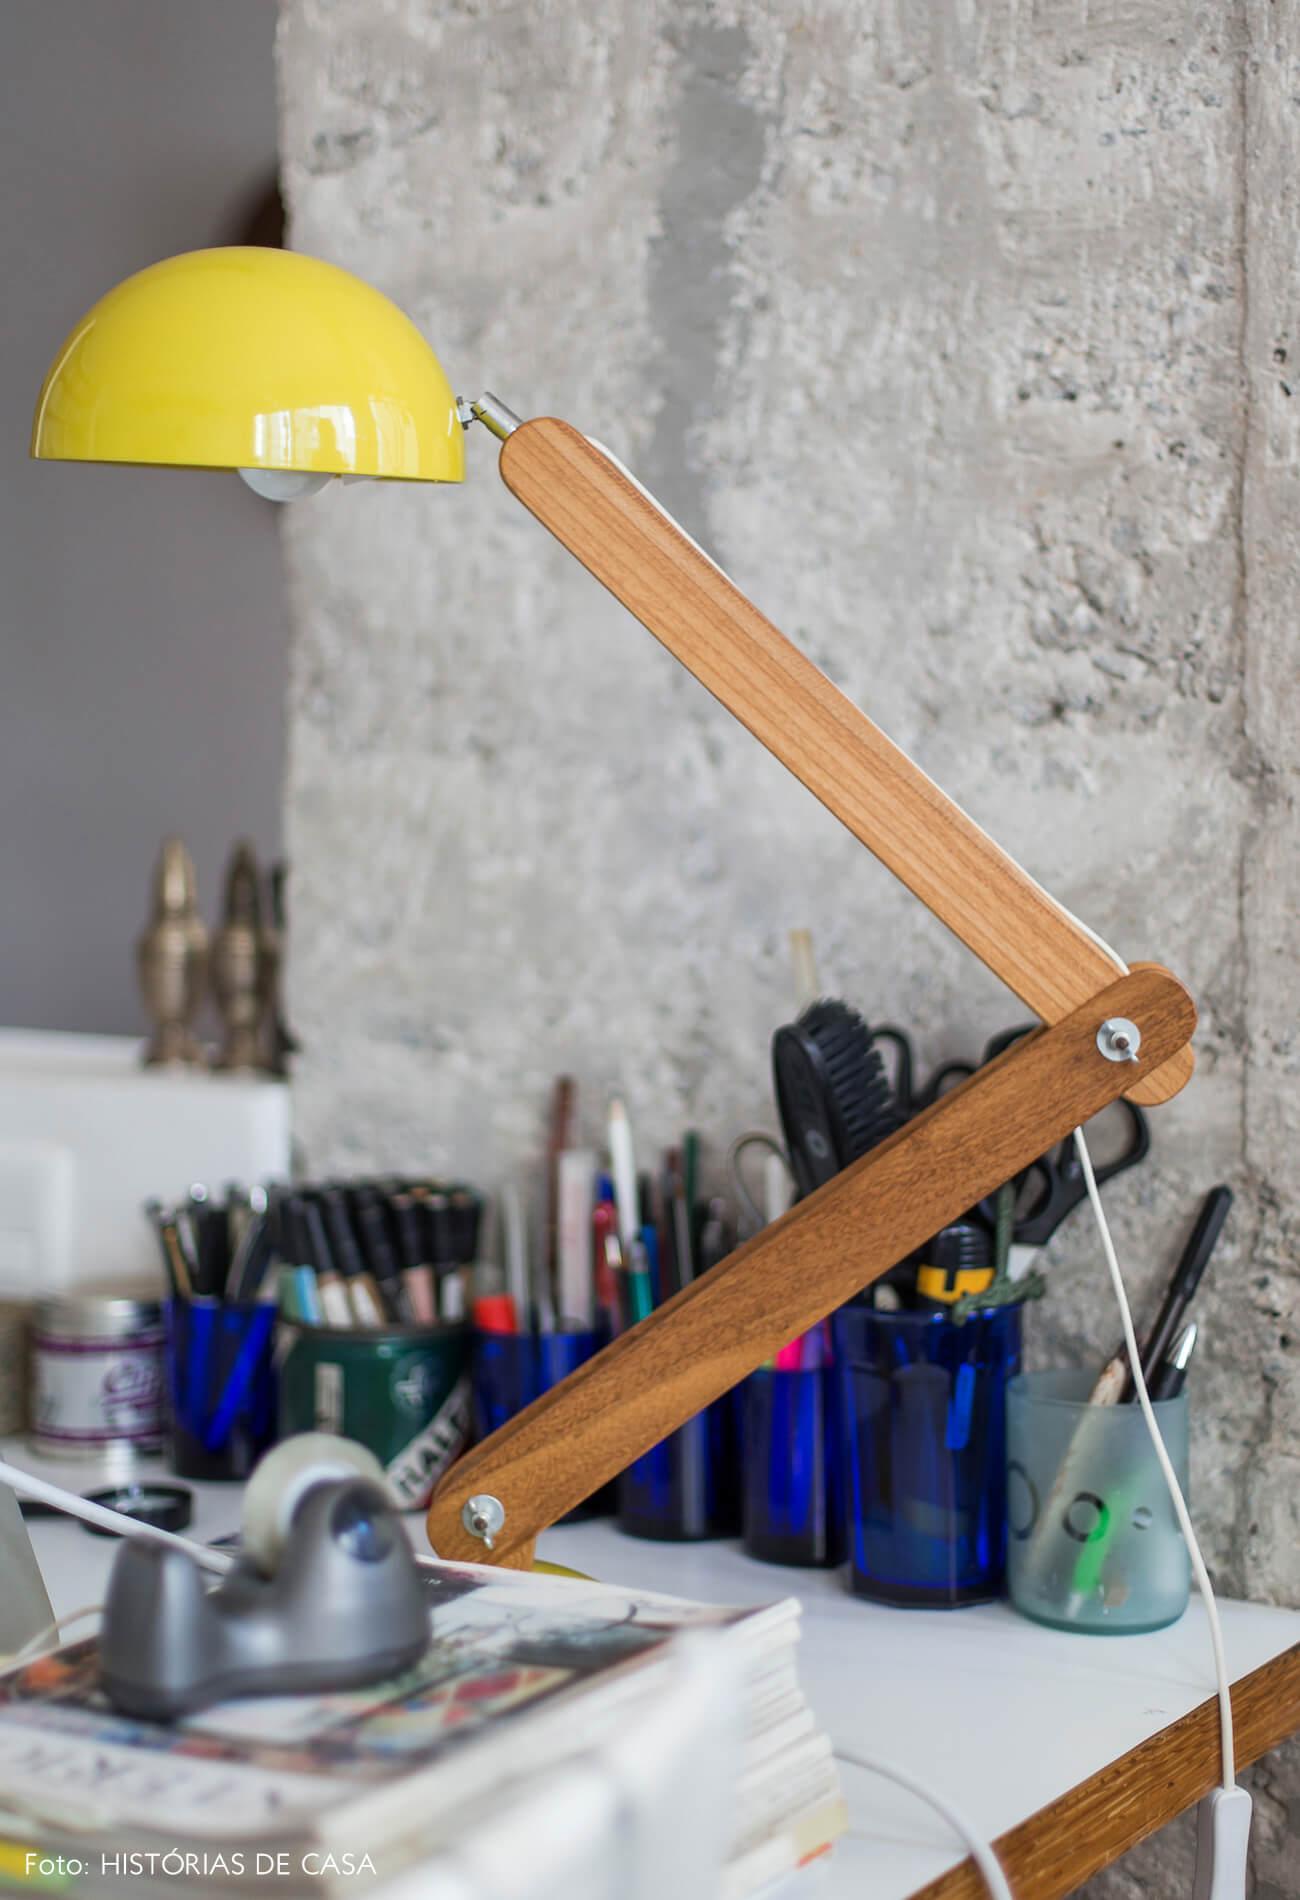 Luminária da designer Marieta Ferber